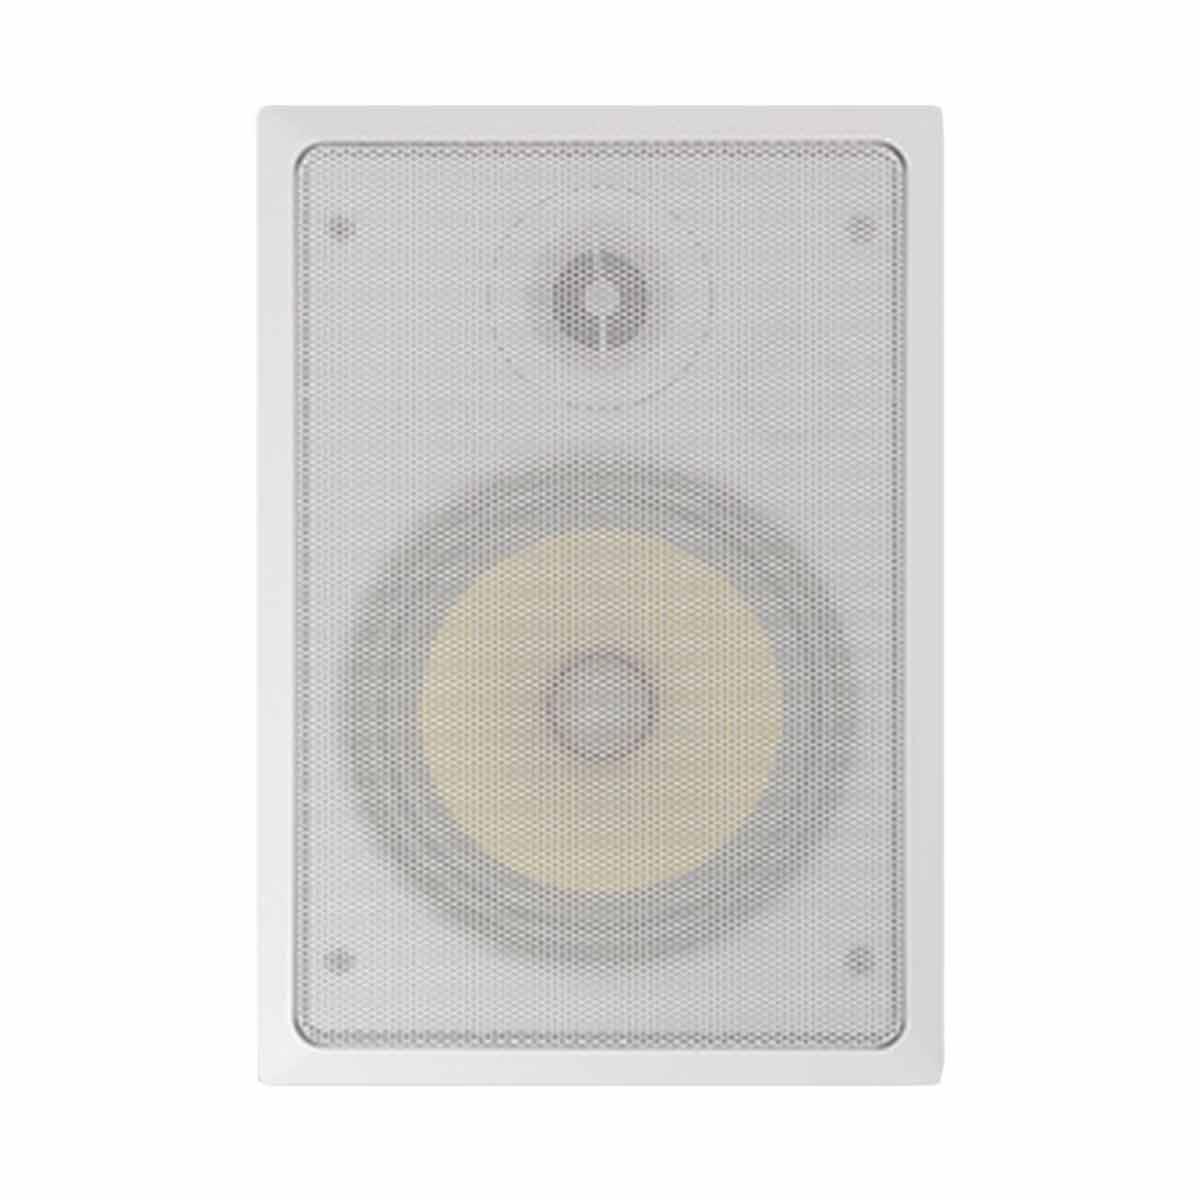 Caixa Acústica Bsa Arandela 200 W Rms Clk6